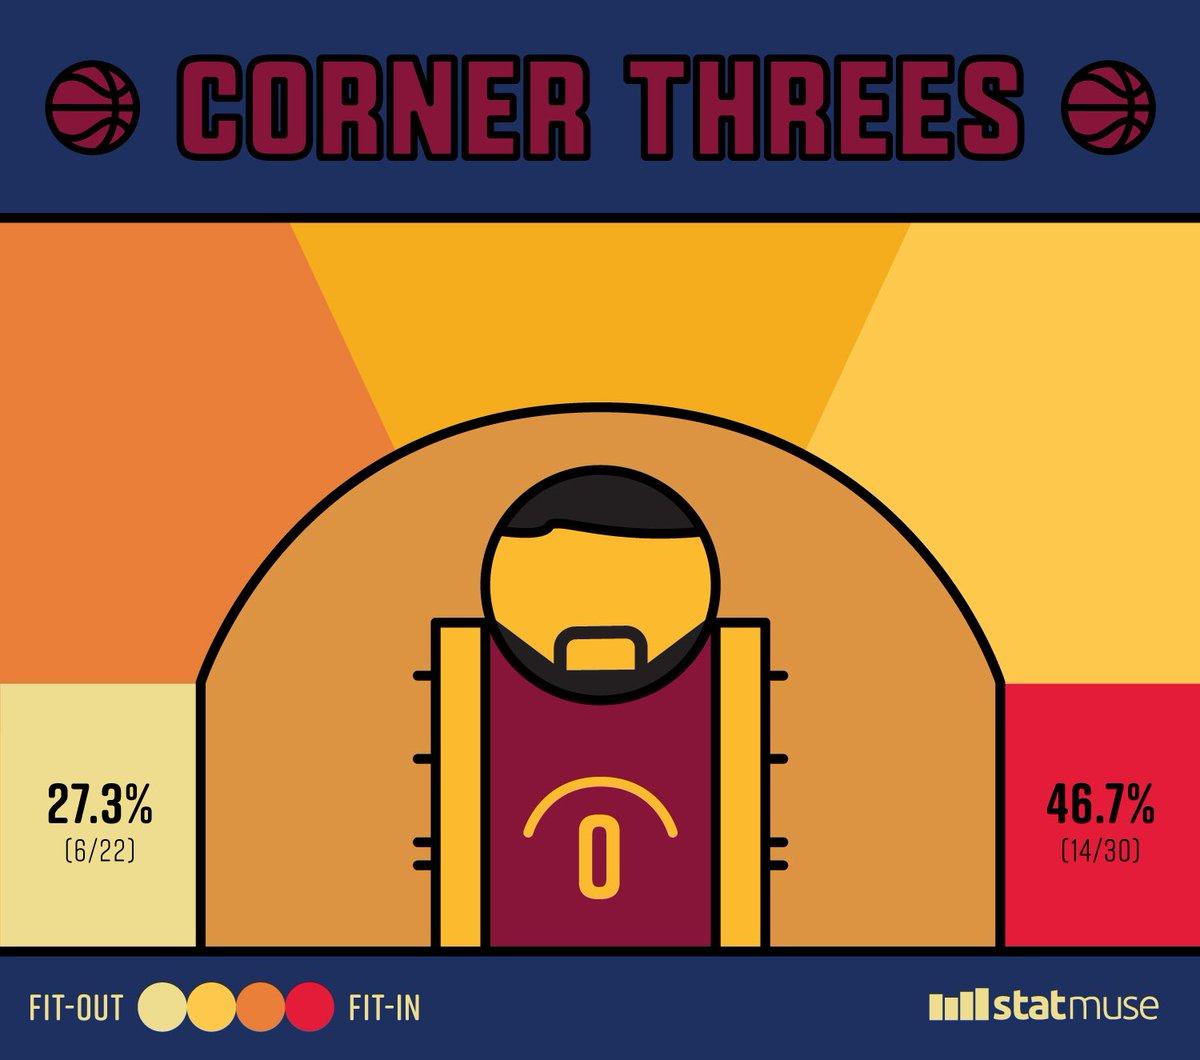 乐福本赛季左侧底角三分命中率远高于右侧